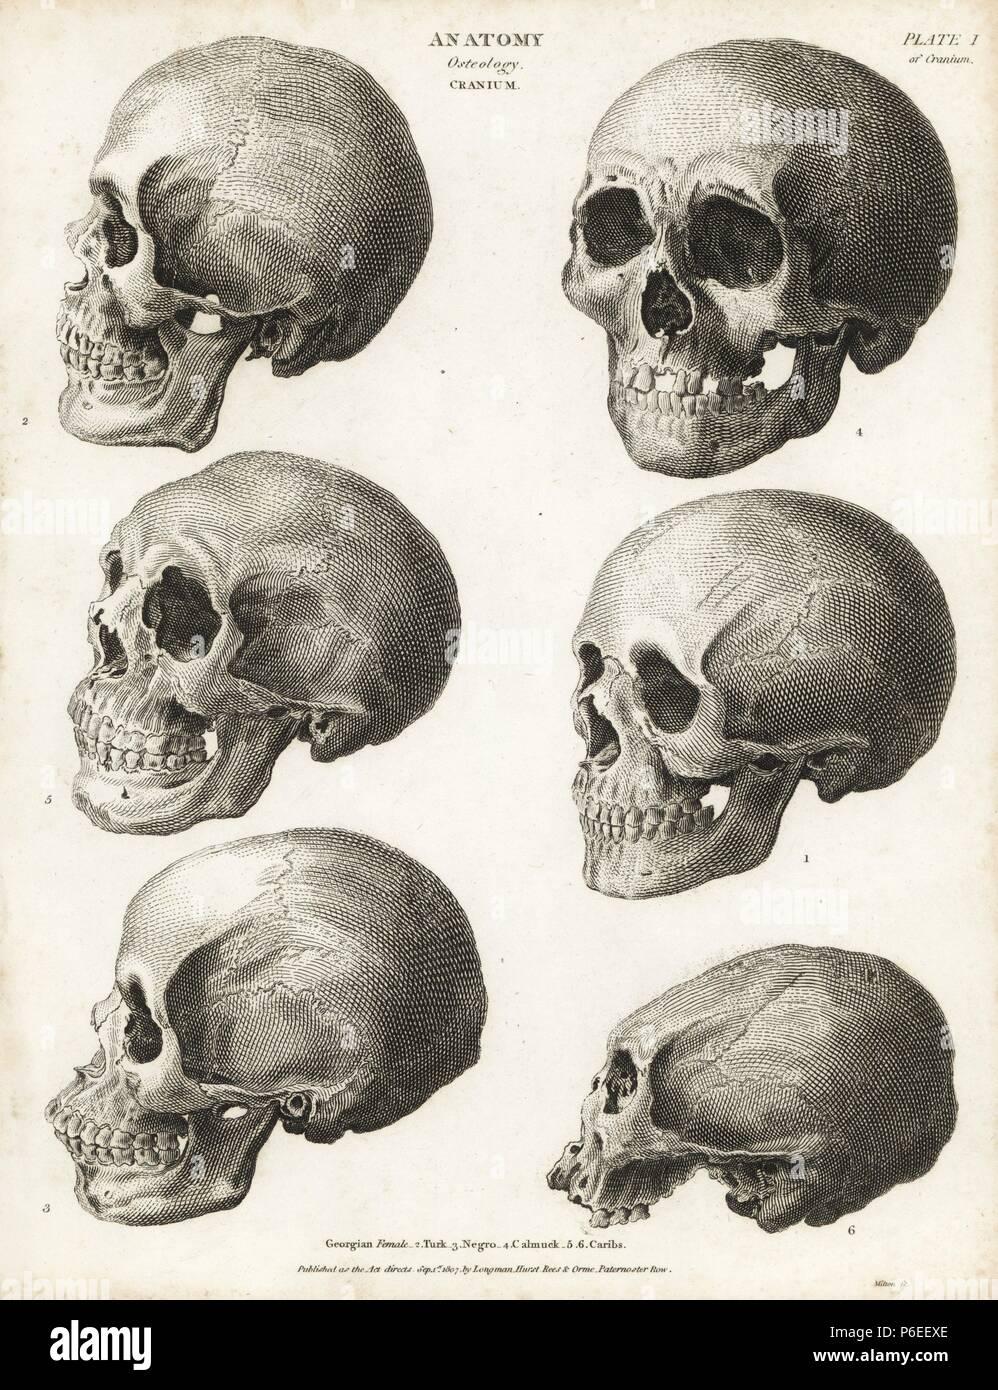 Anatomie des menschlichen Schädels: Georgisch weiblich, Türken ...